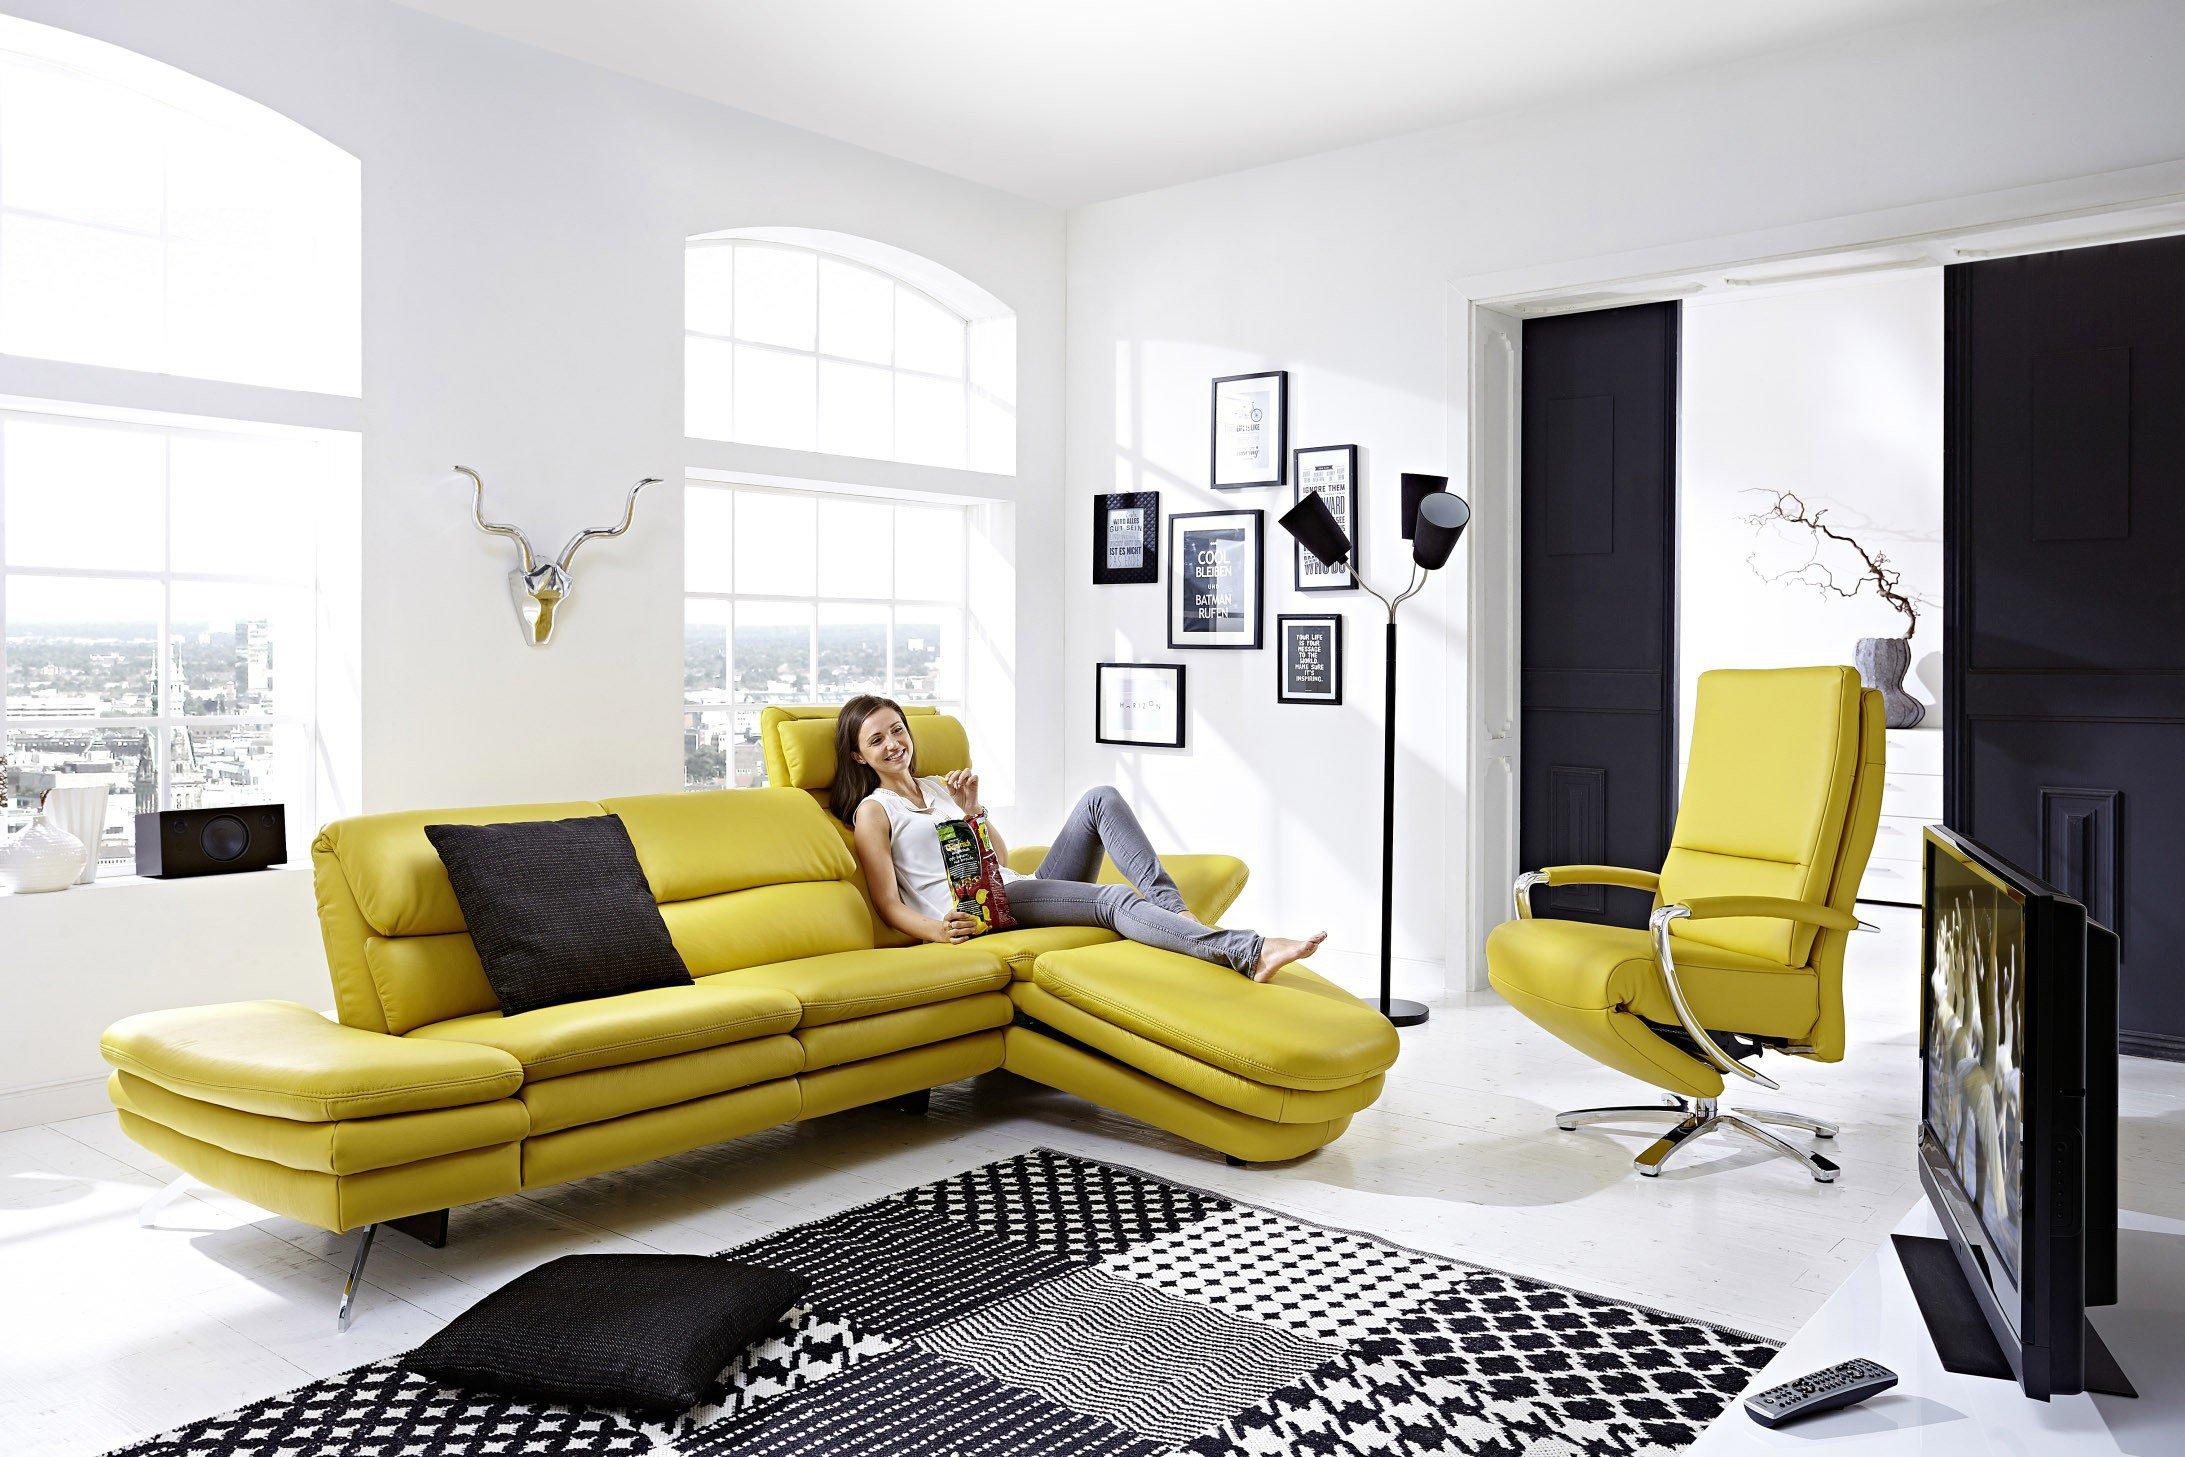 PM Oelsa San Diego Ledergarnitur in Gelb | Möbel Letz - Ihr Online-Shop